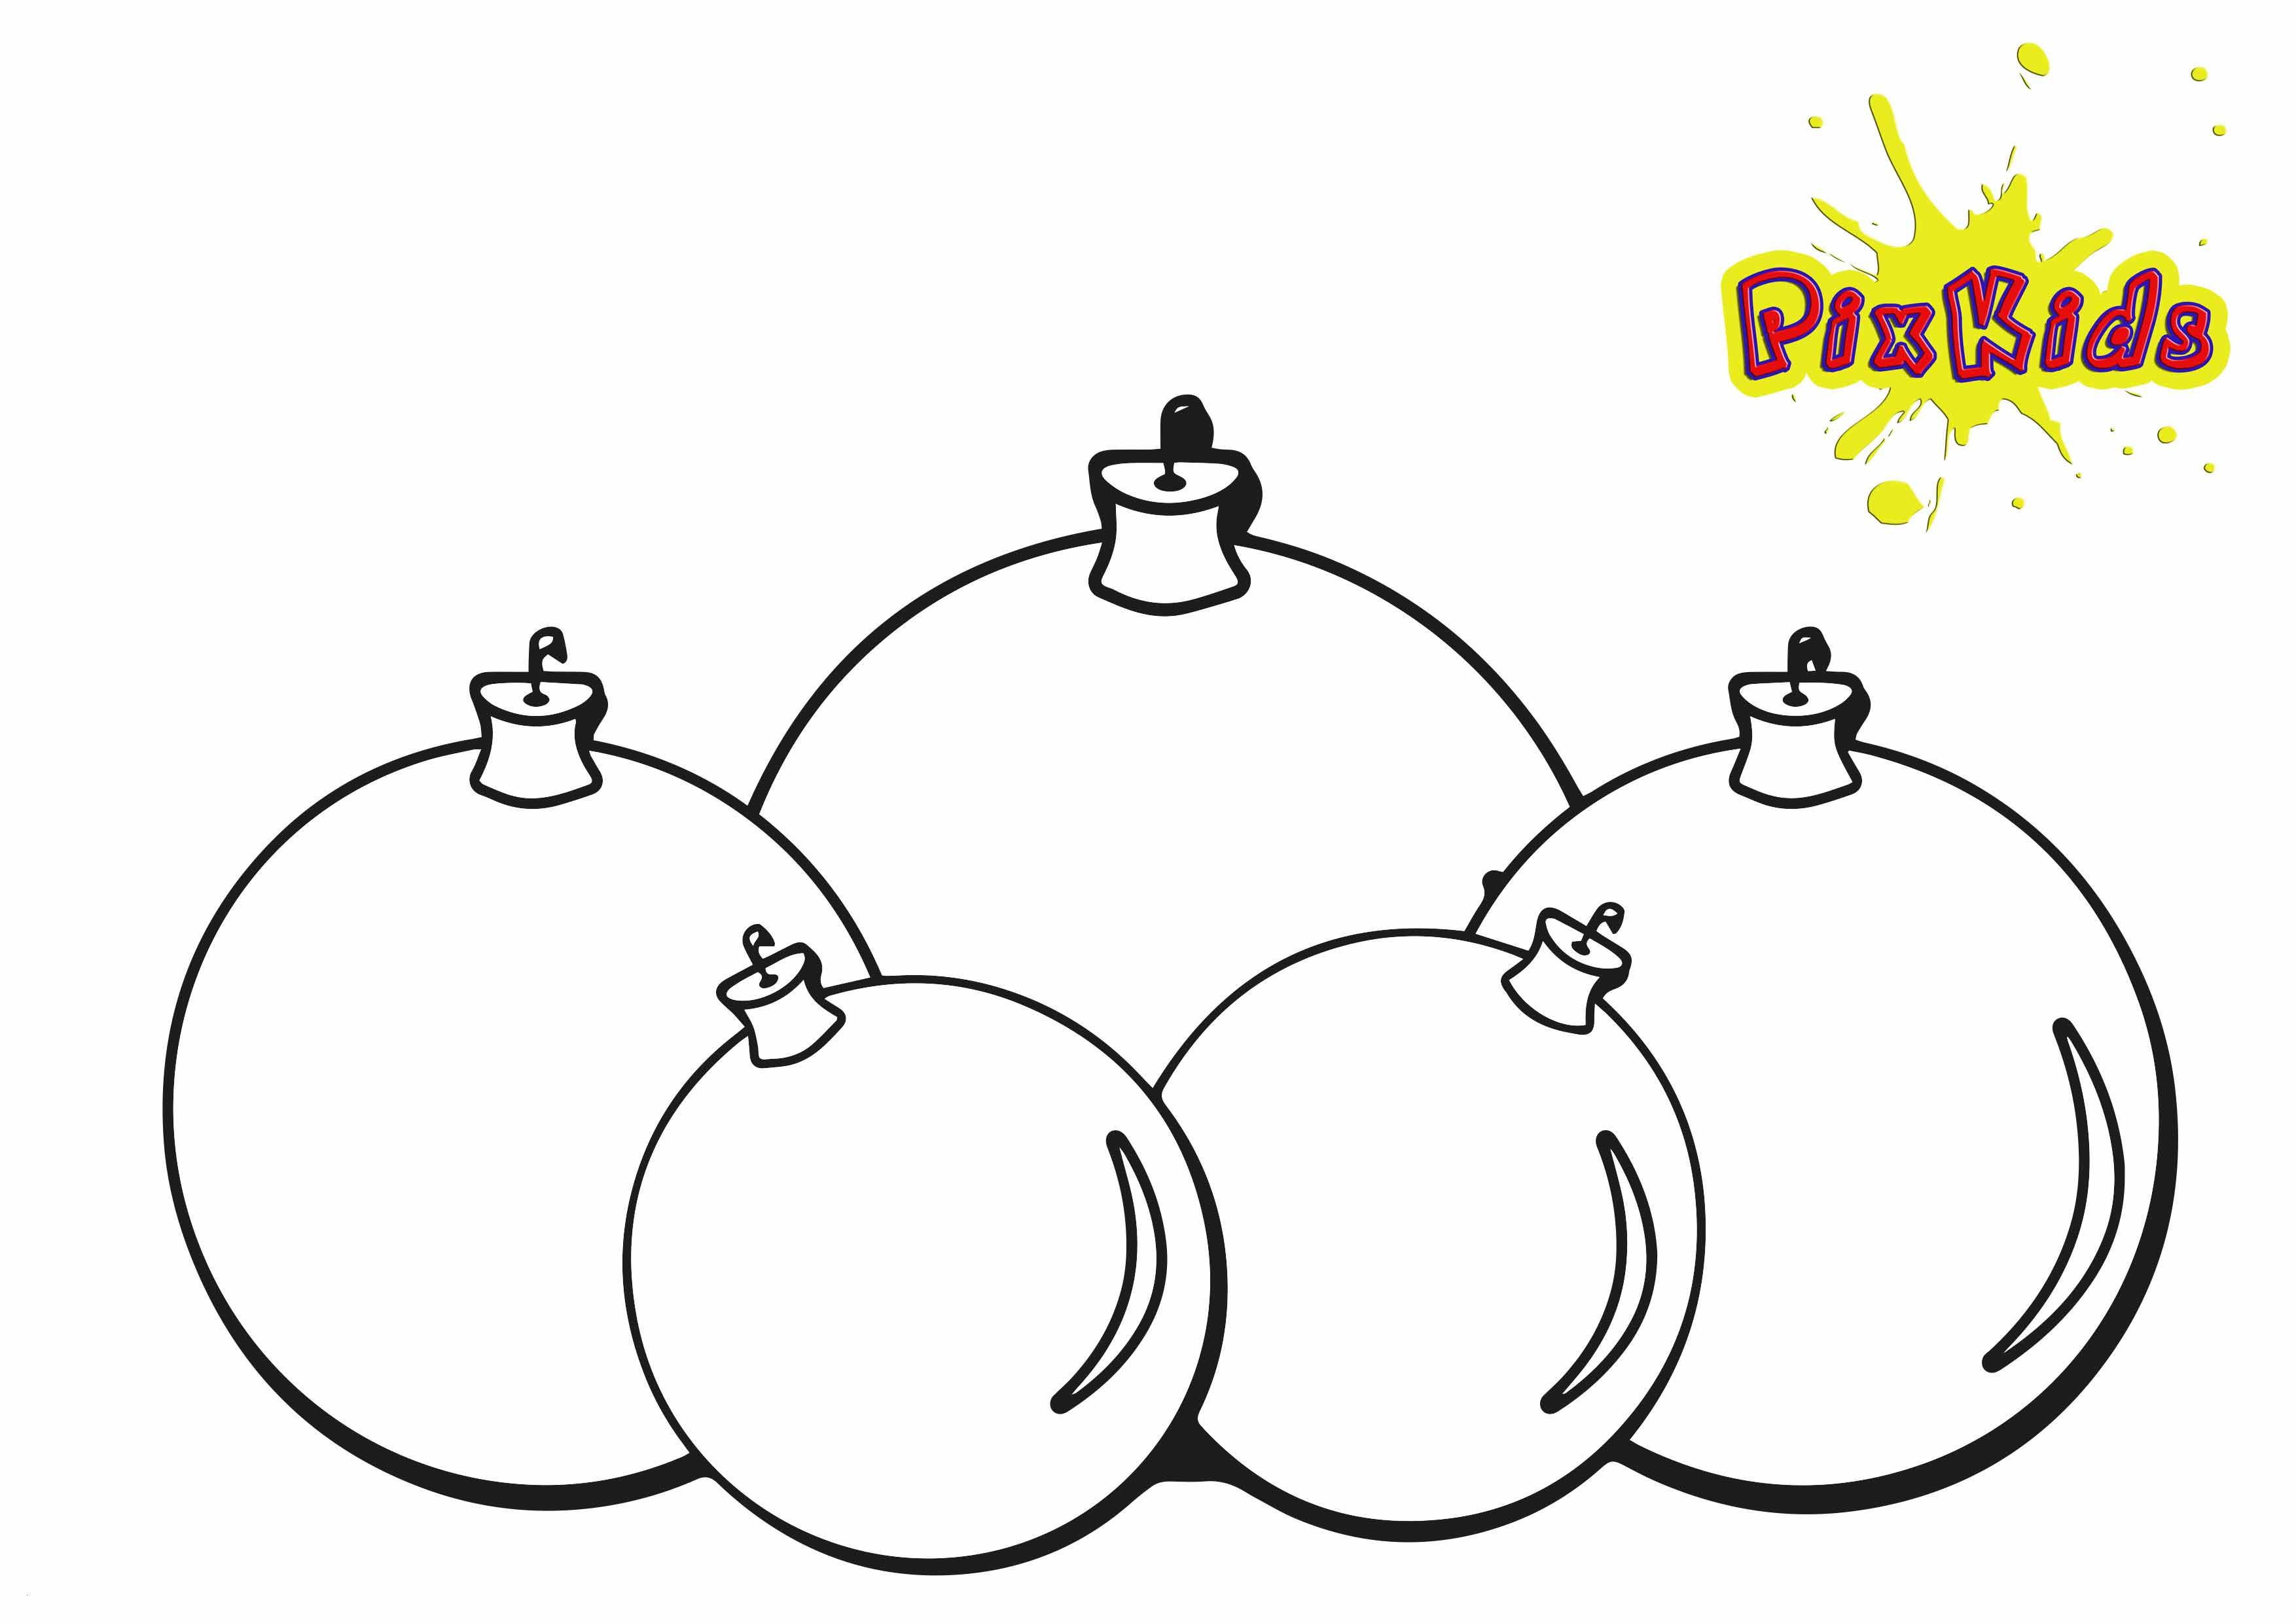 Rentier Zum Ausmalen Inspirierend Ausmalbilder Weihnachten Kostenlose Malvorlagen Schön Weihnachten Fotografieren